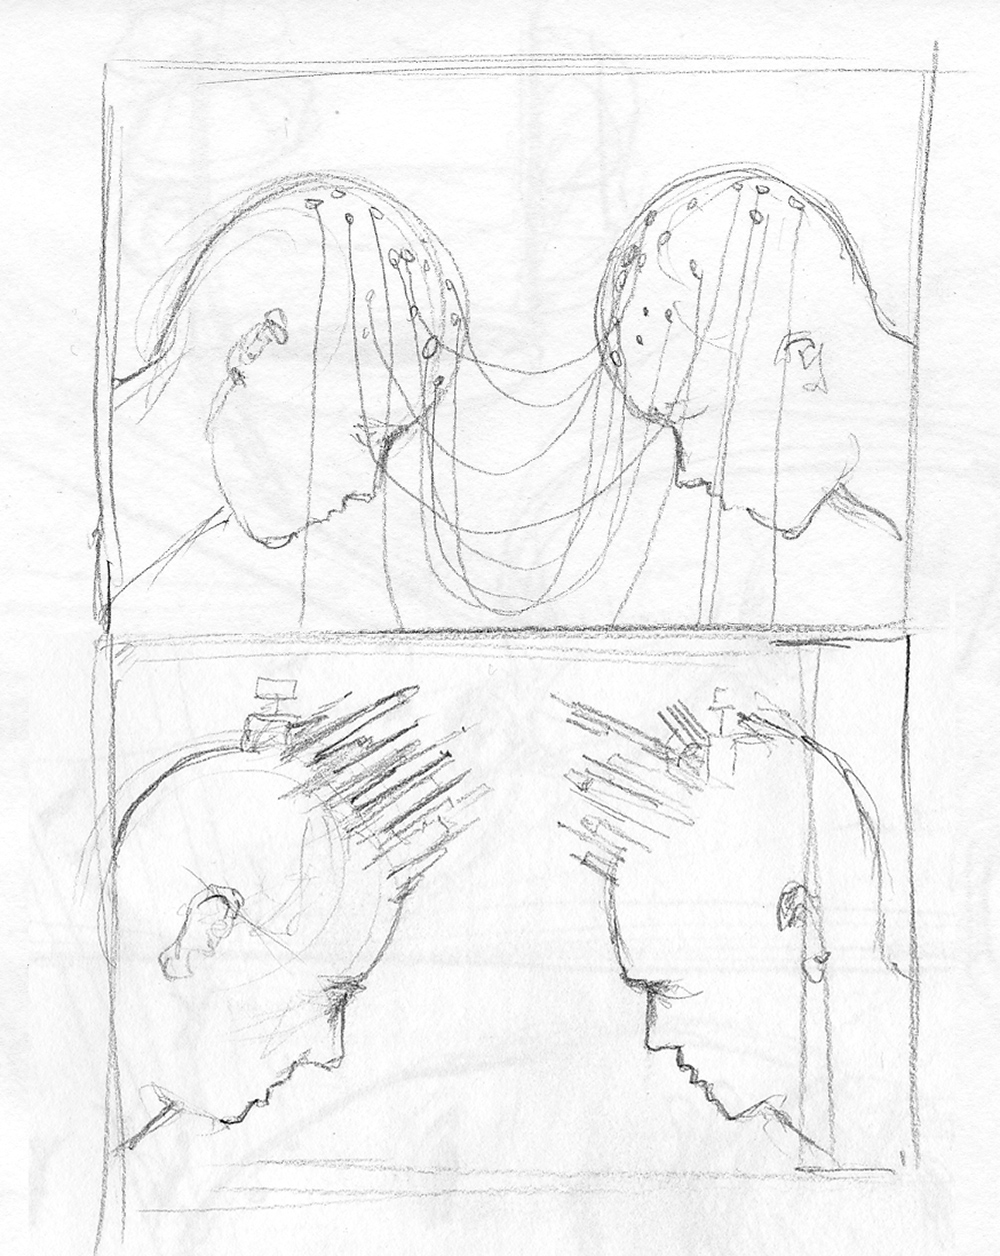 06spiegel_sketch03.jpg